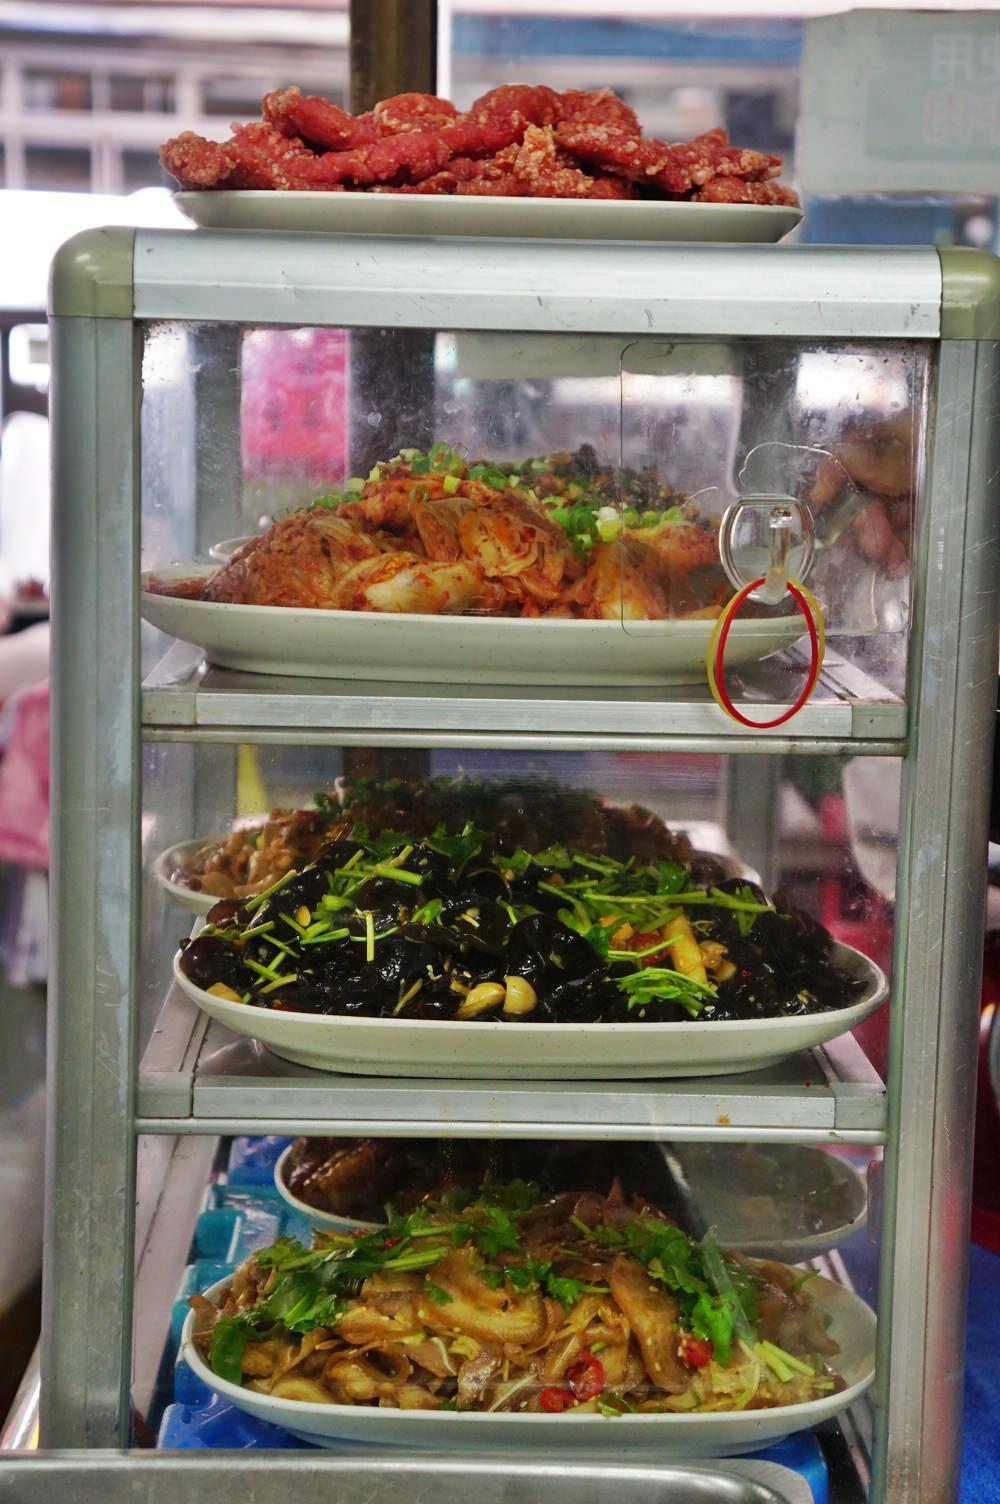 20181022154102 89 - [新竹湖口美食]老五鹹粥 就讓我膽固醇破表吧 沒在客氣的霸氣大龍蝦海鮮粥  走紅多年的波霸滷肉飯果然名不虛傳 小菜員工餐樣樣經典